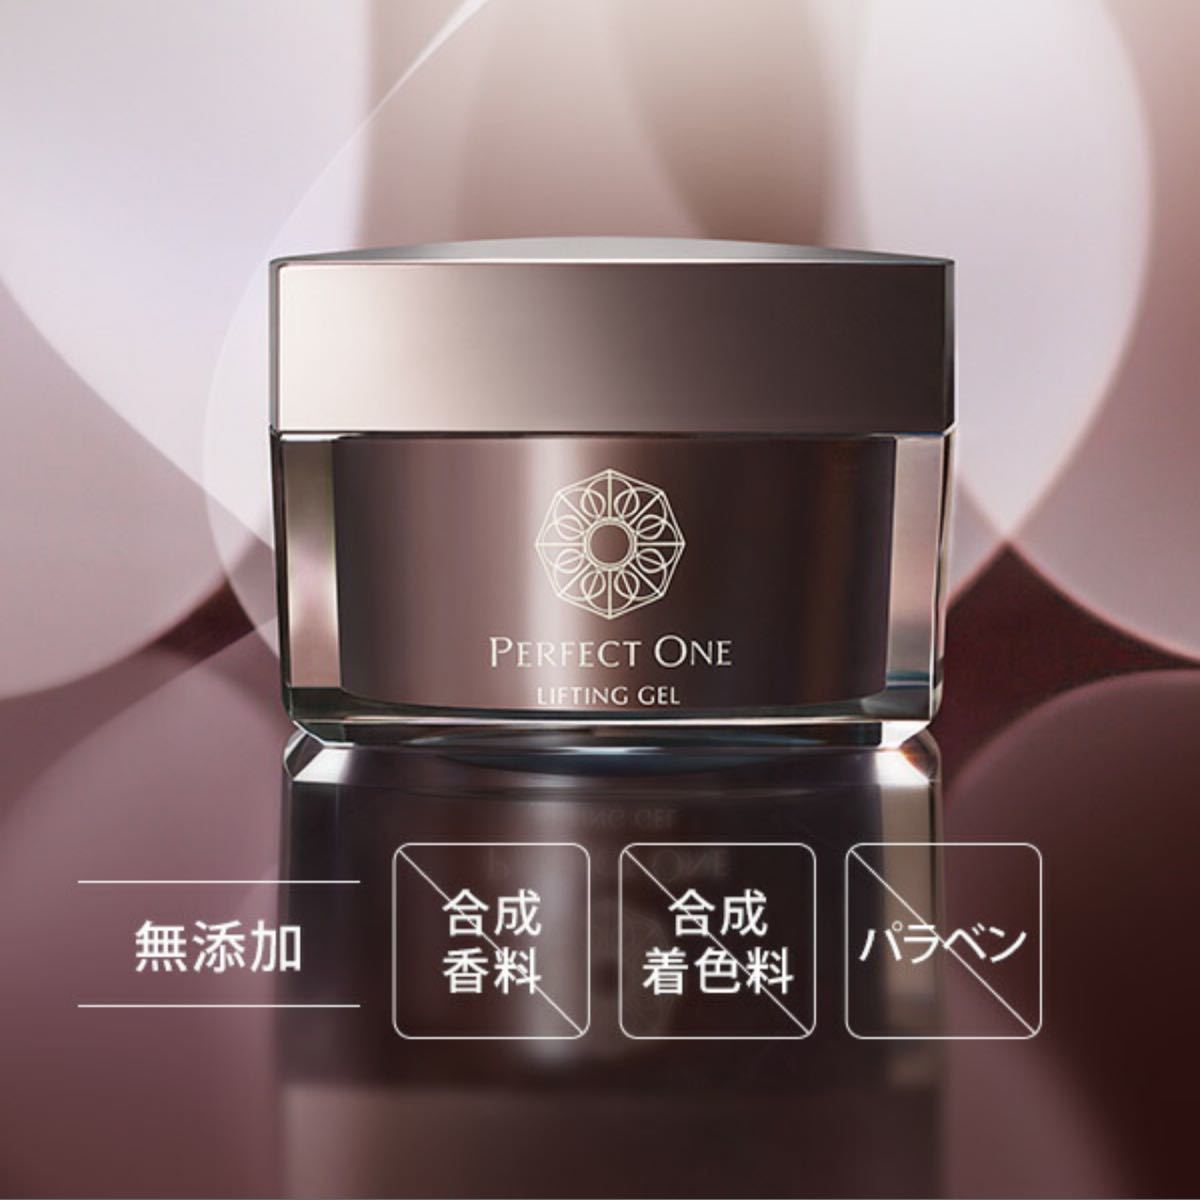 【3個セット】パーフェクトワン 薬用 リフティングジェル 50g 新日本製薬